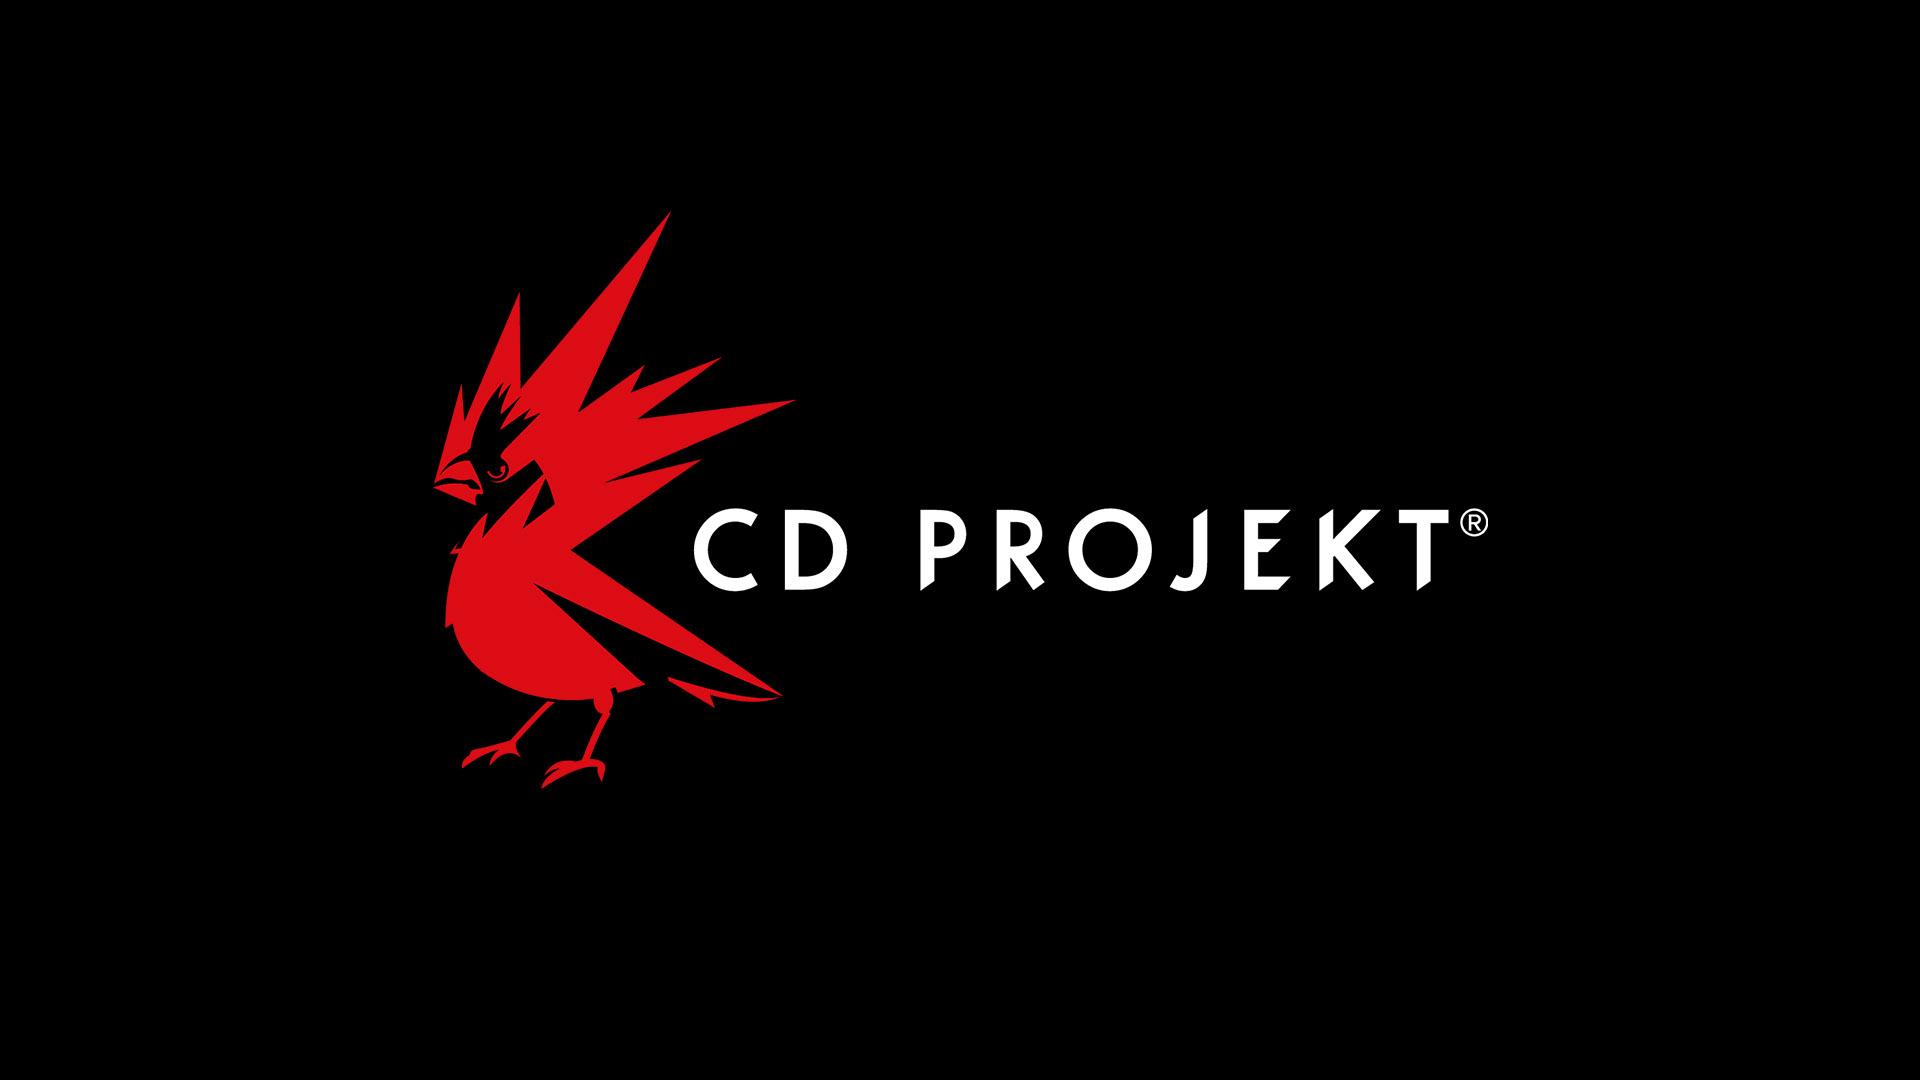 CDProjekt Red вбудущем будет создавать игры повселенной The Witcher иCyberpunk